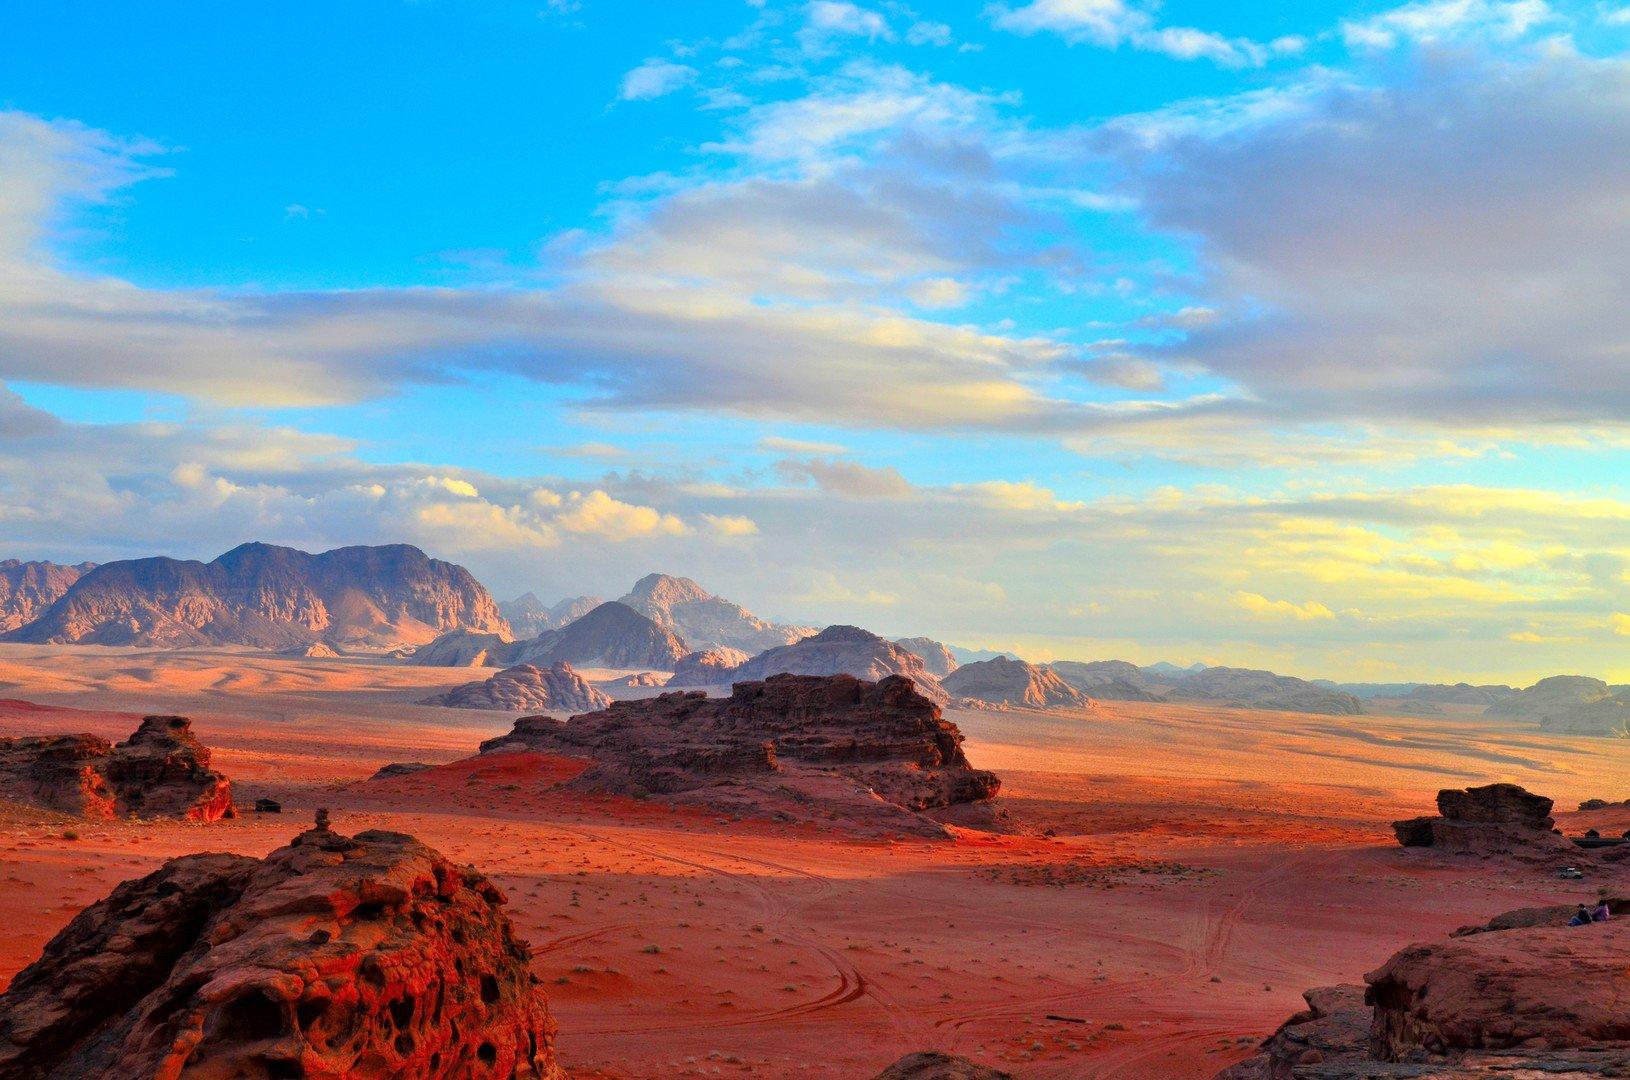 Jordánsko - země, kde se zastavil čas #3